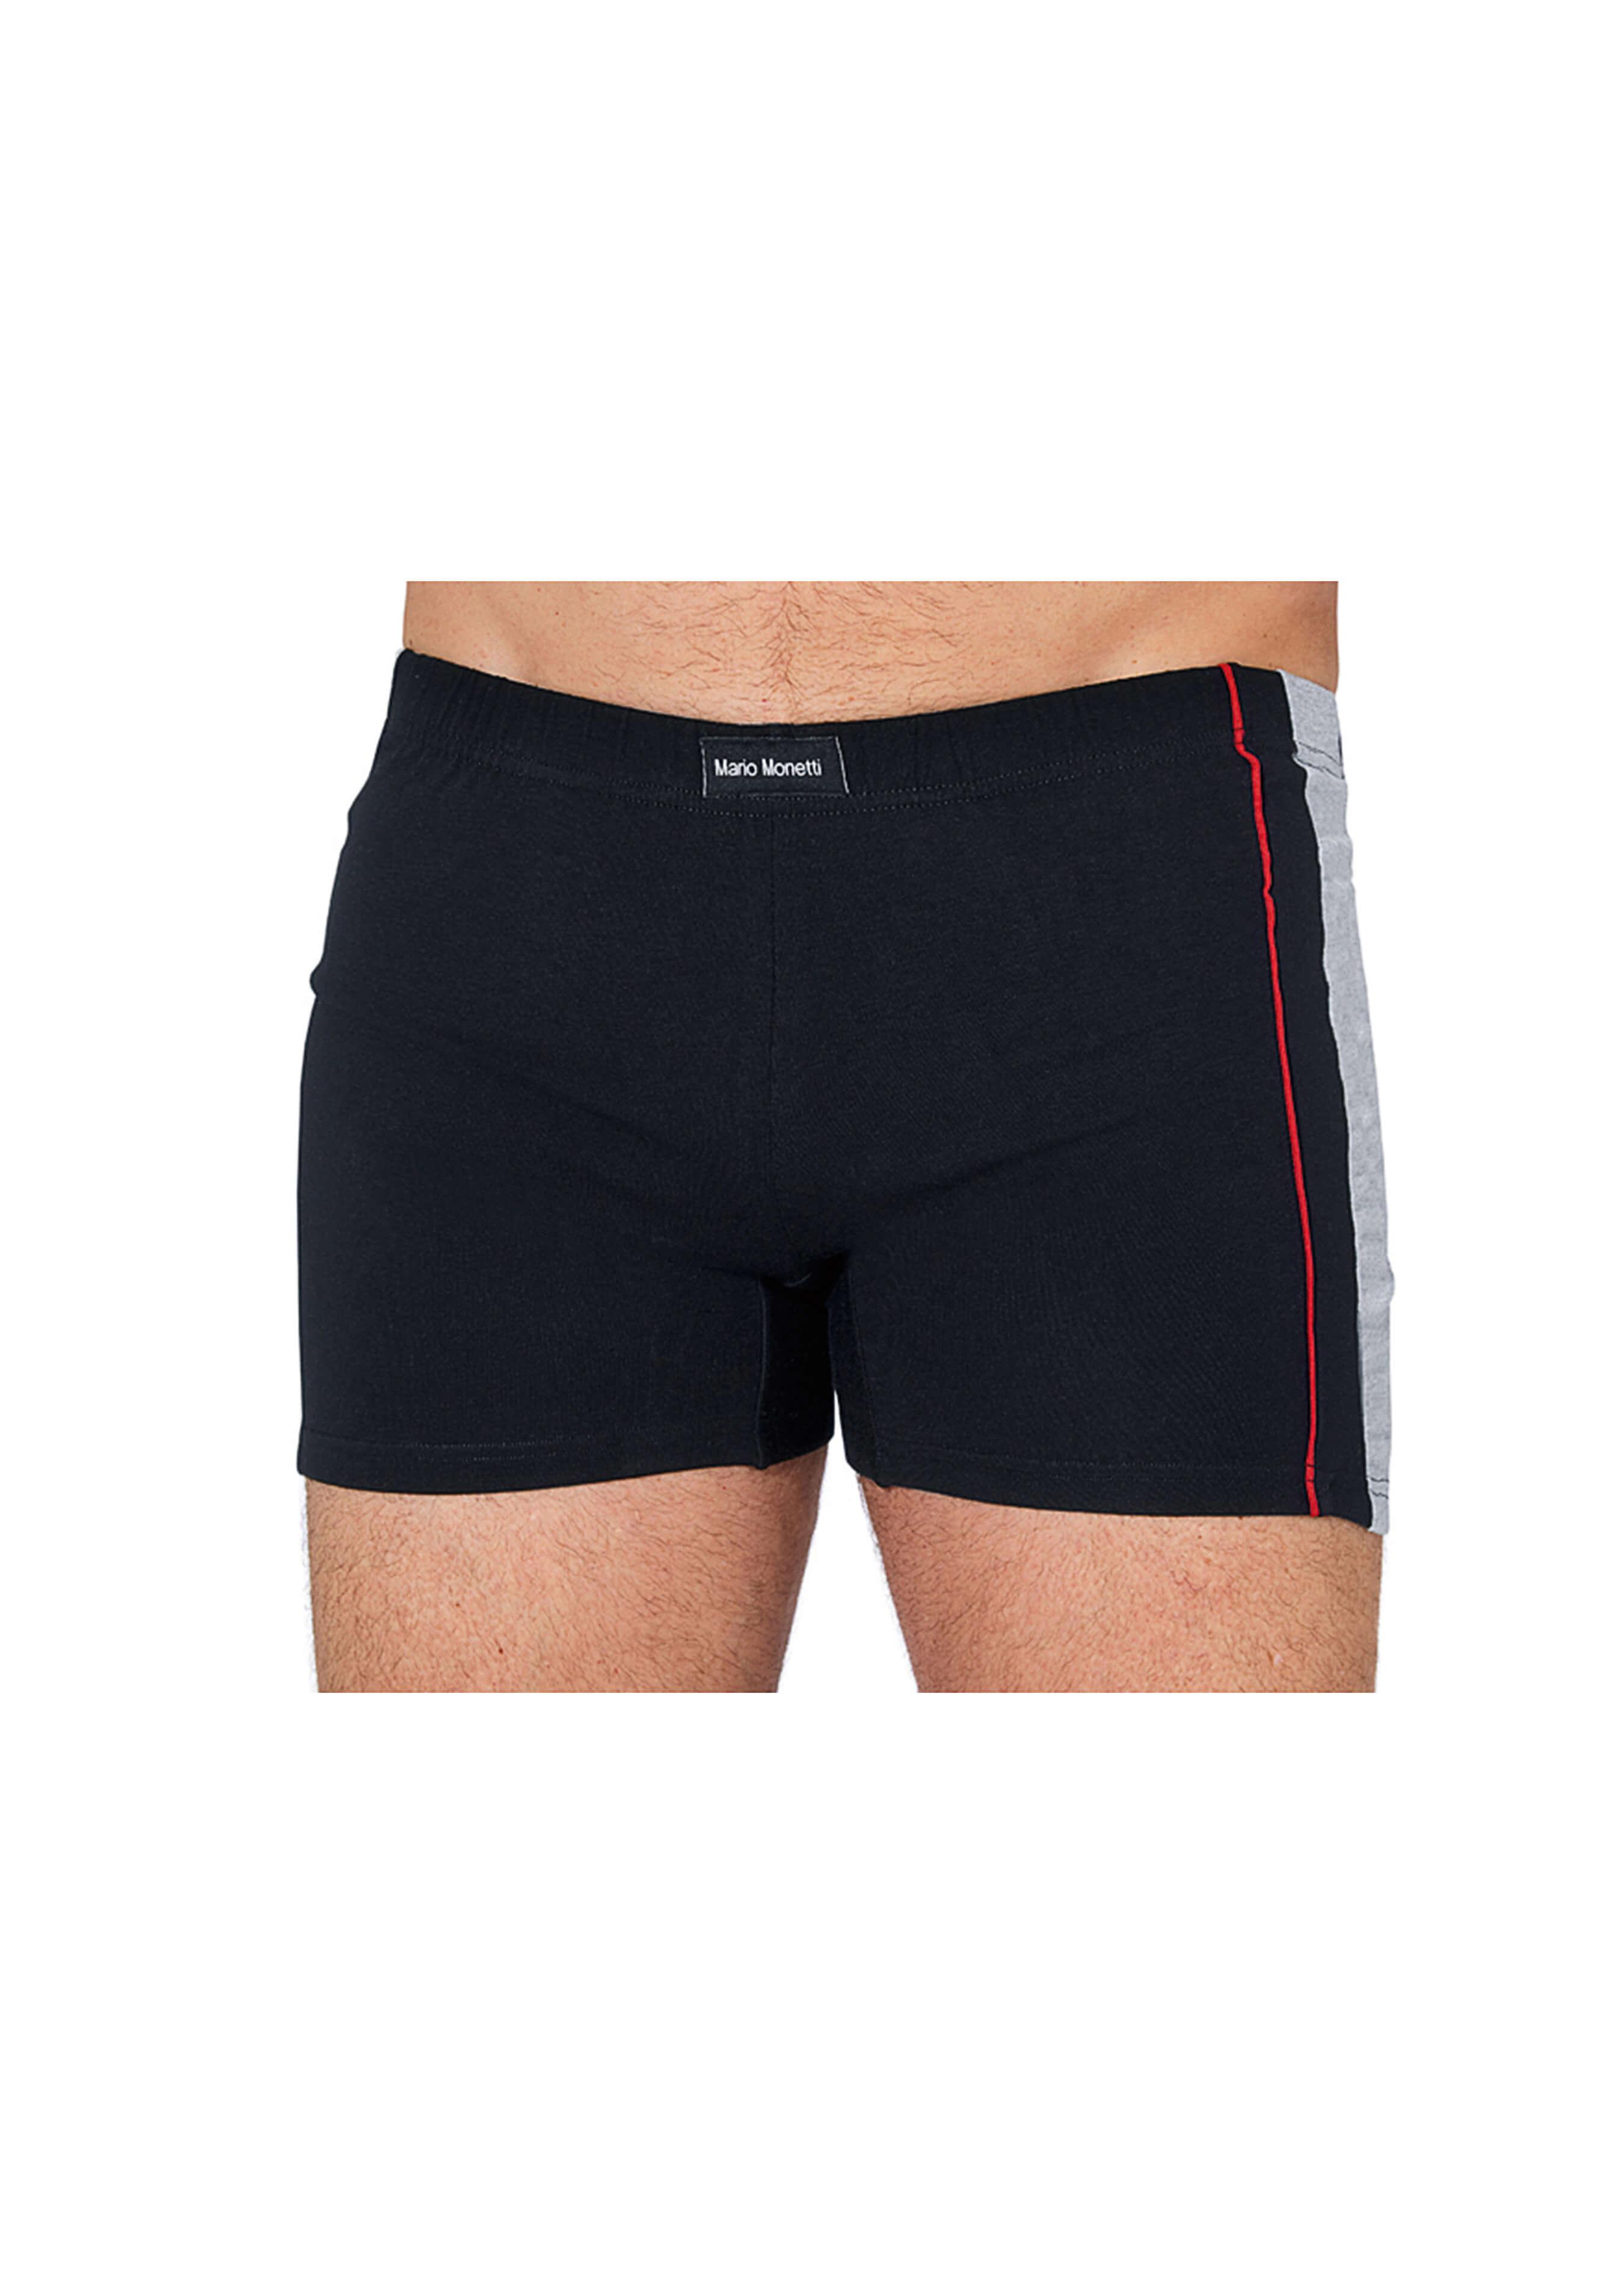 Boxer-Short homme lot de 2 L19043L 3